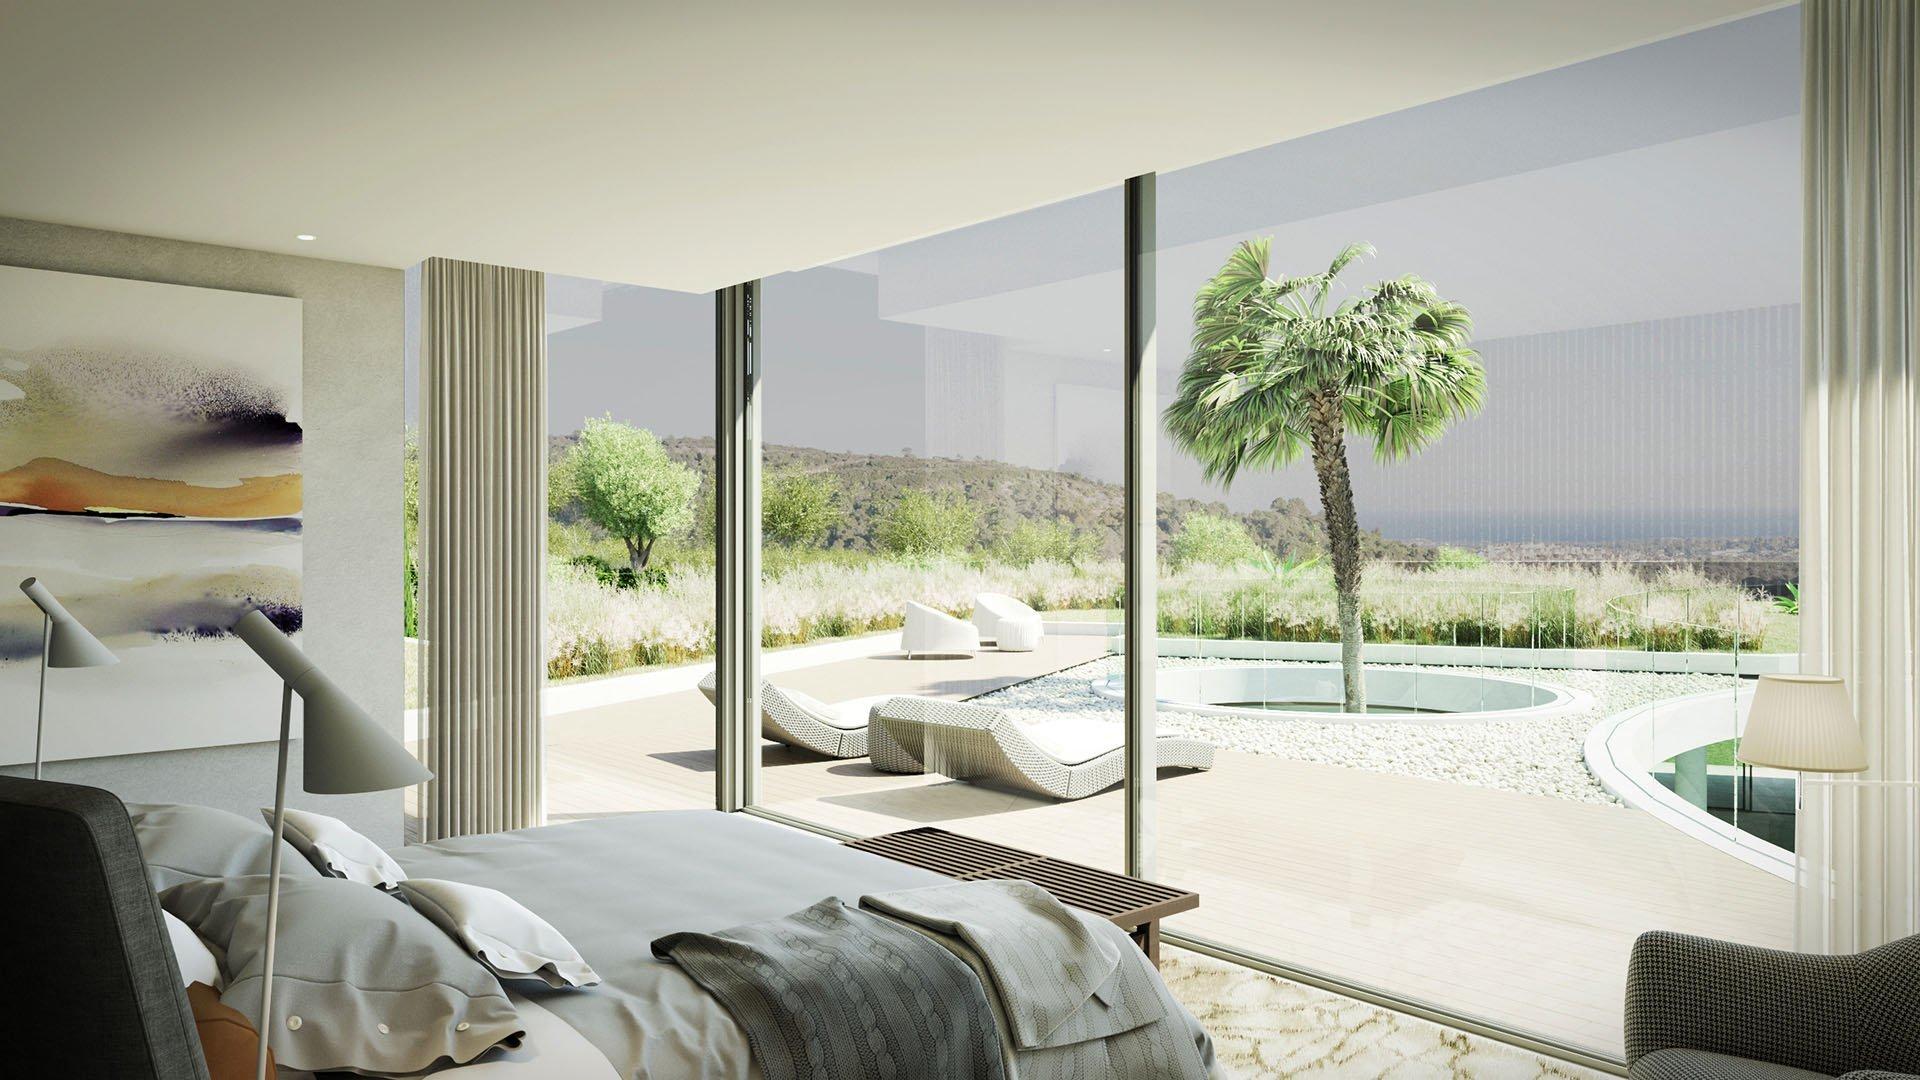 Villa Vela: Impressive villa with a view on the golf course in Sotogrande